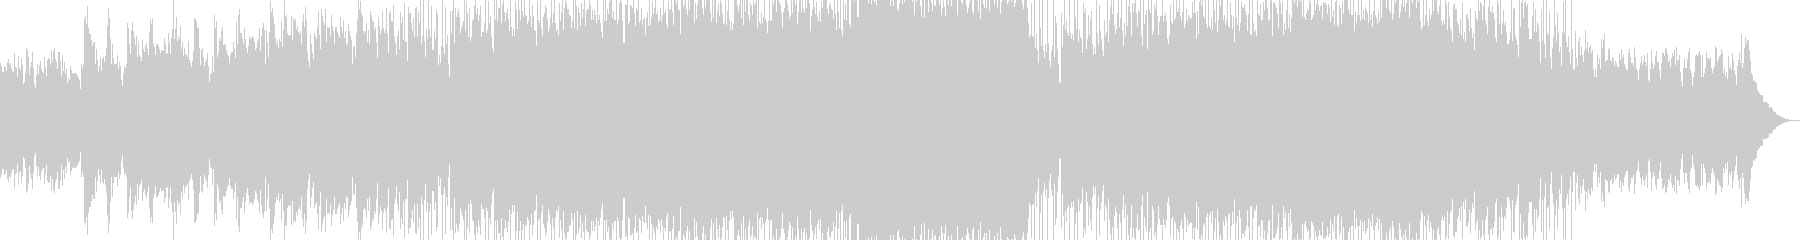 アコギアルペジオからのクラプトン風の未再生の波形